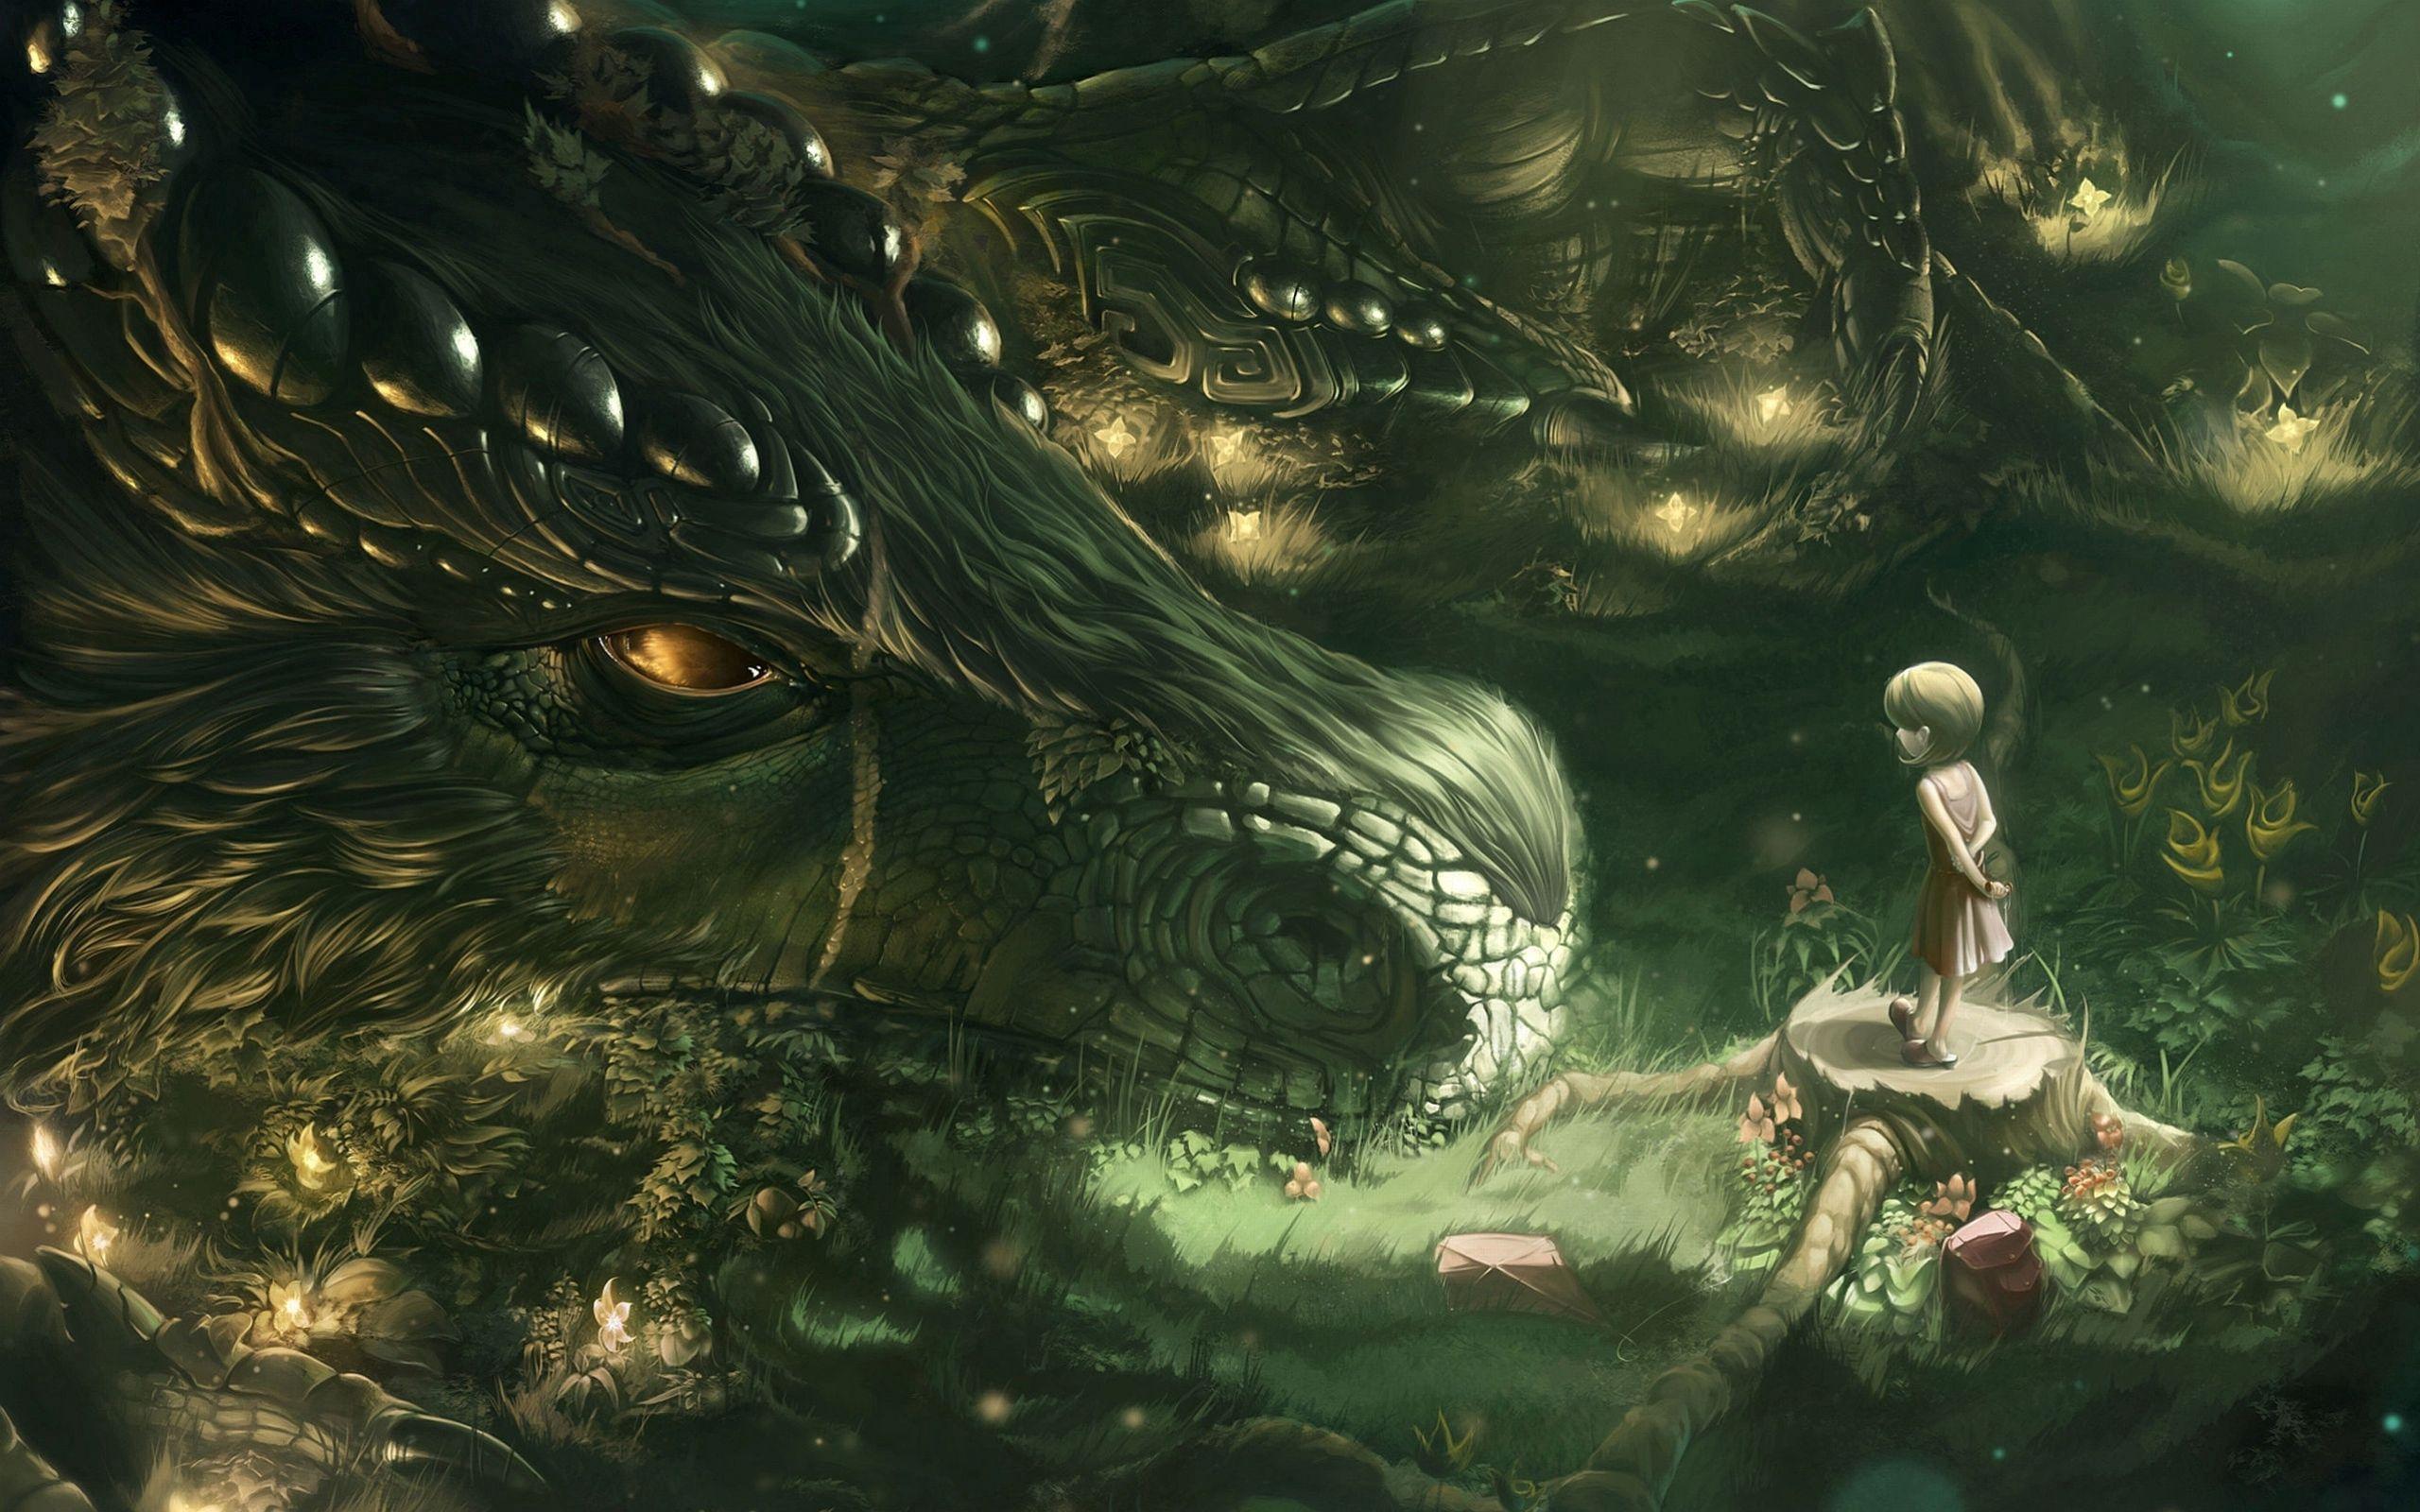 2560x1600 Wallpaper dragon, girl, forest, art